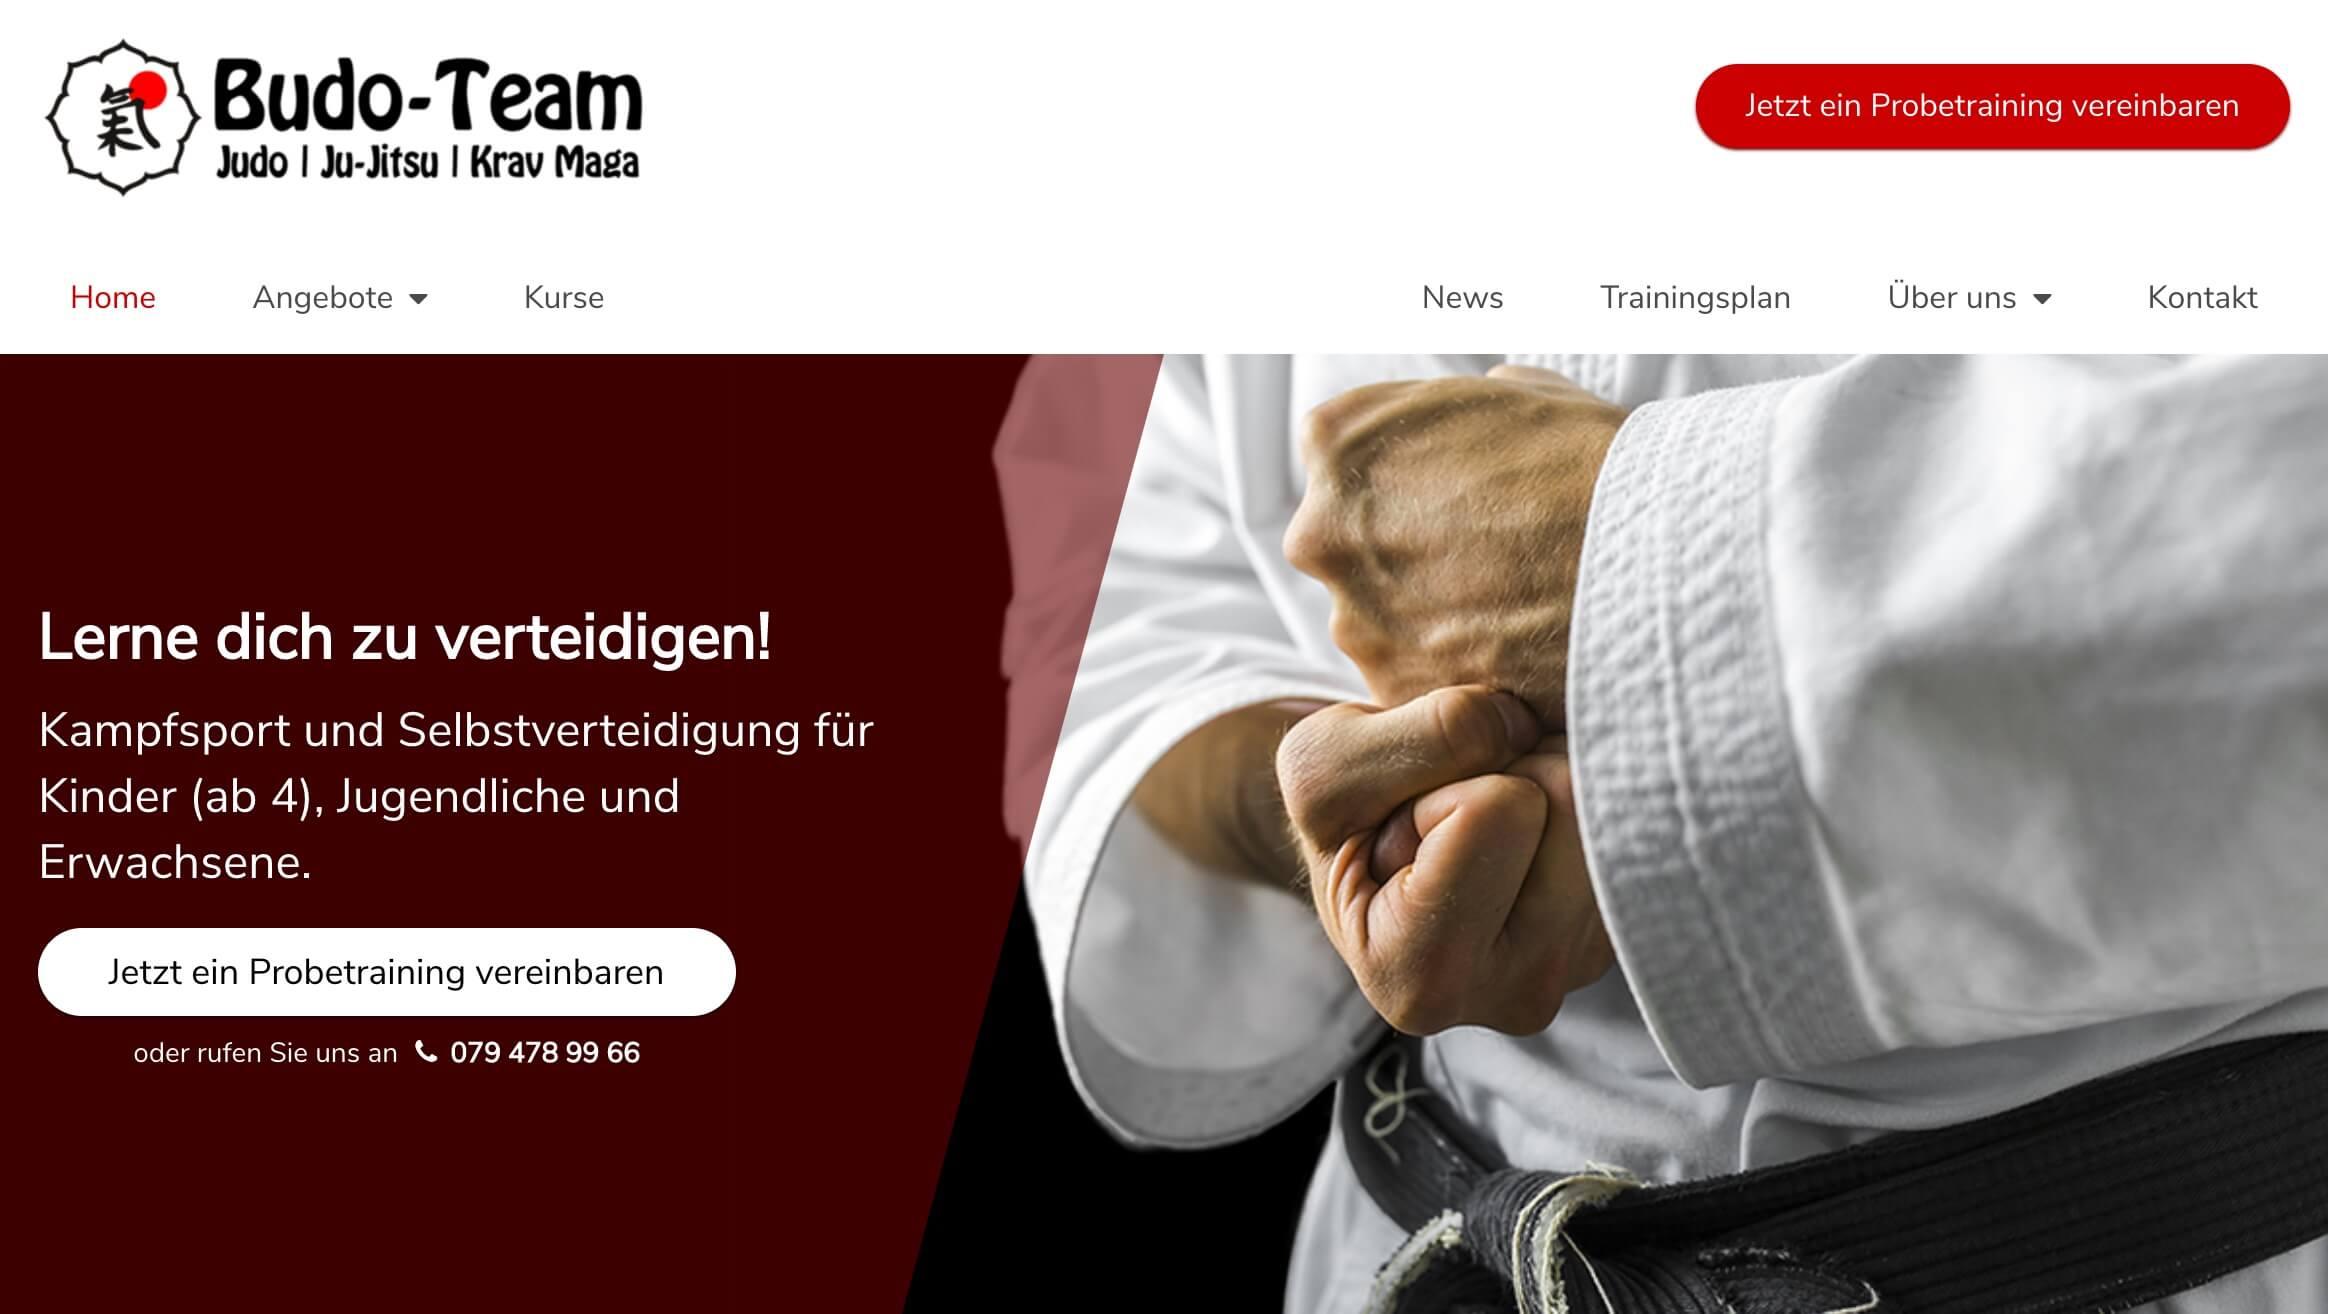 Moderne Kampfsport-Webseite mit klarer Navigation und Aufruf zum vereinbaren eines Probetrainings